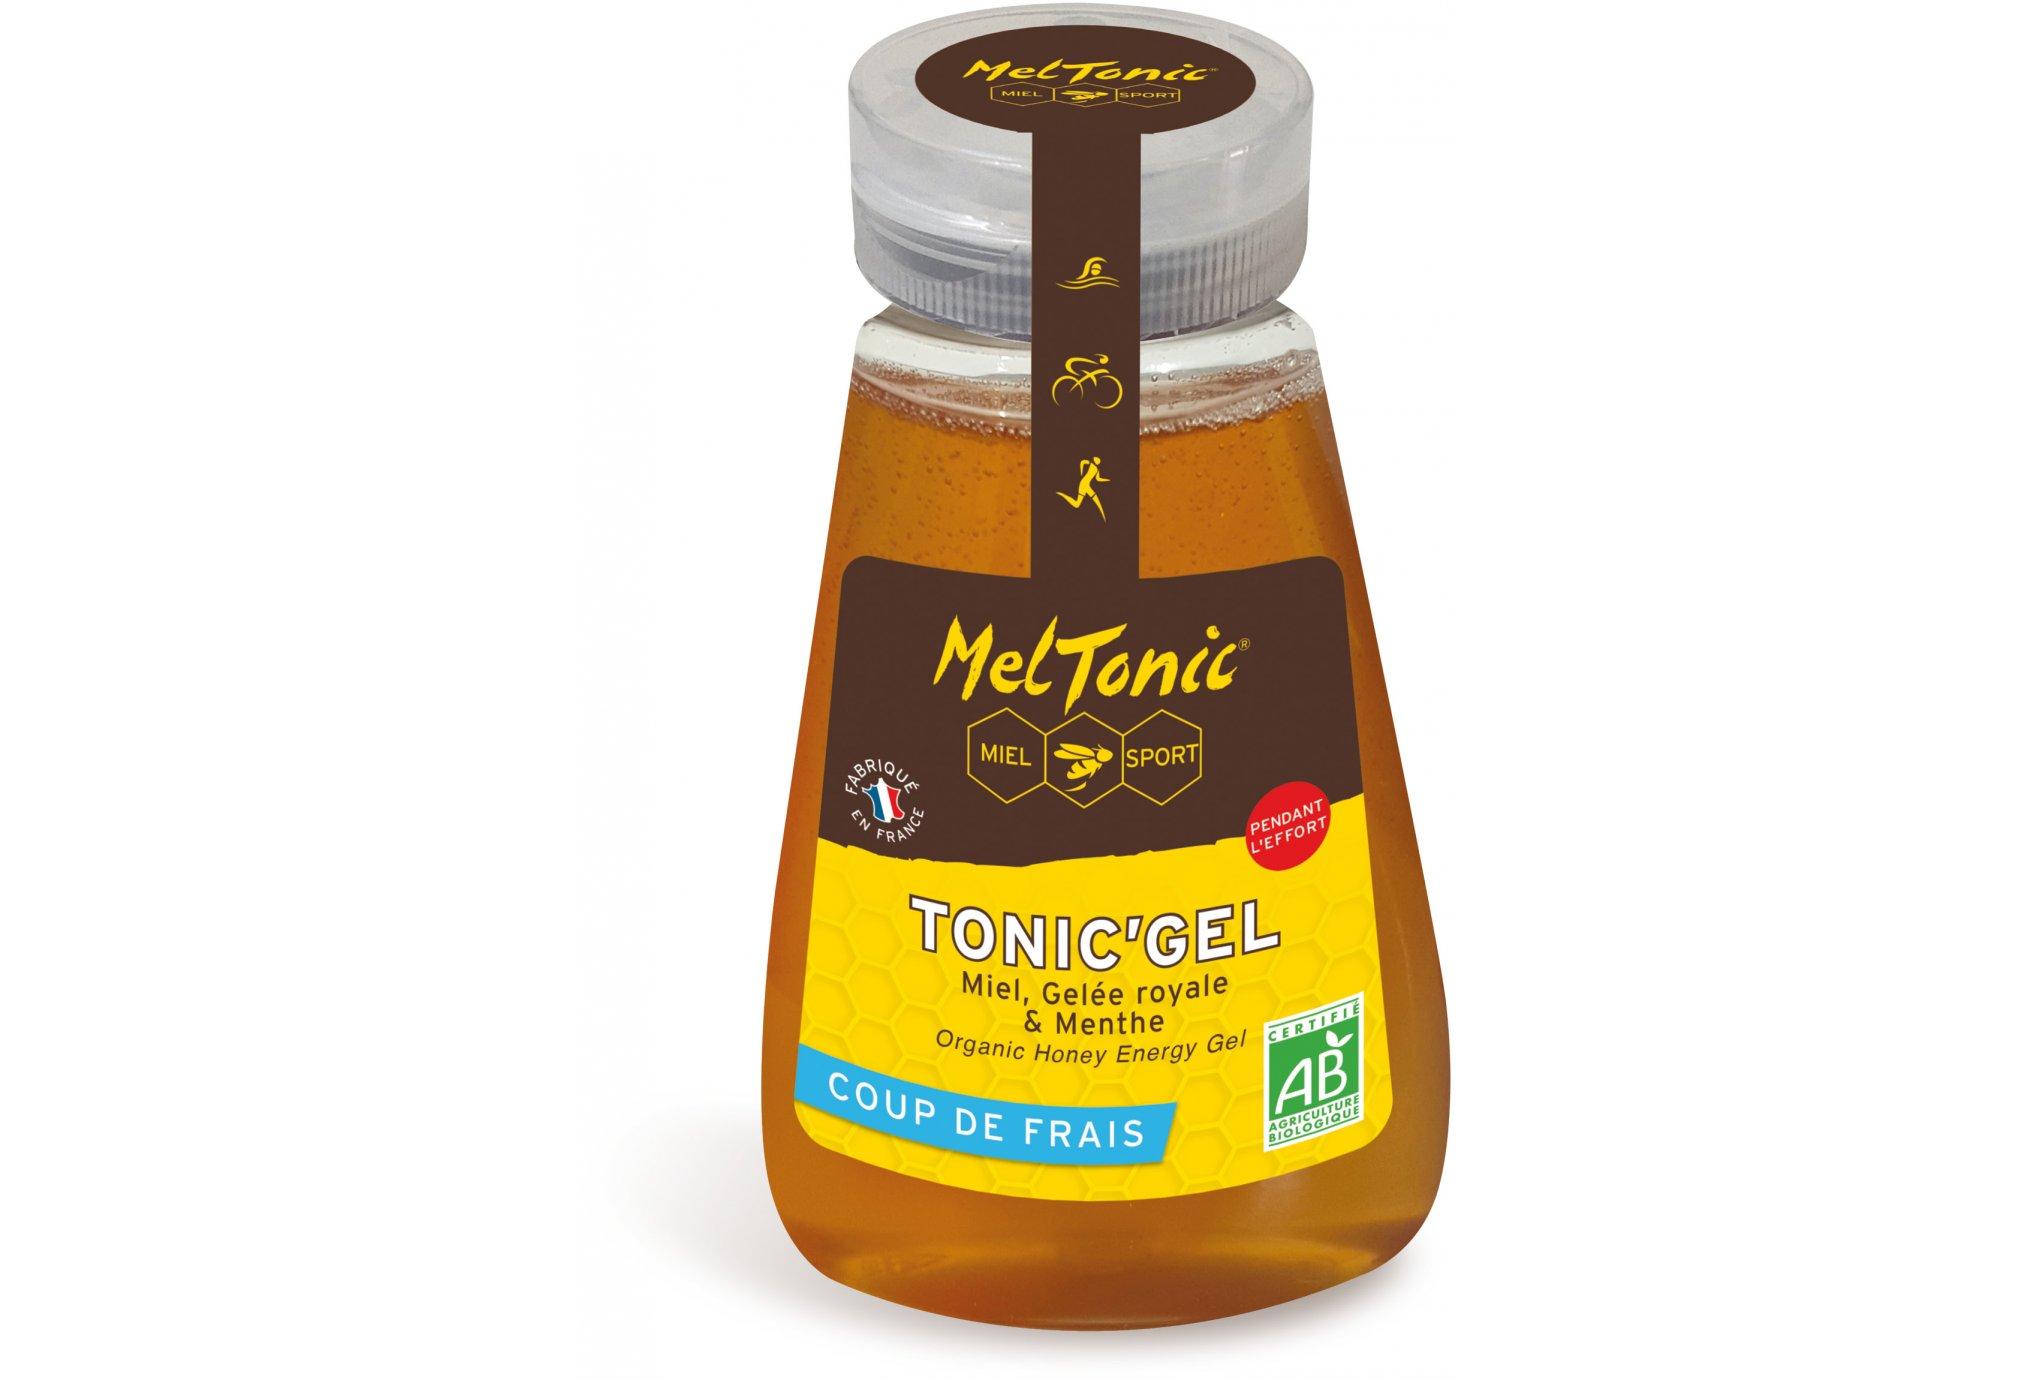 MelTonic Recharge Eco Tonic'Gel Coup de Frais Bio Diététique Gels